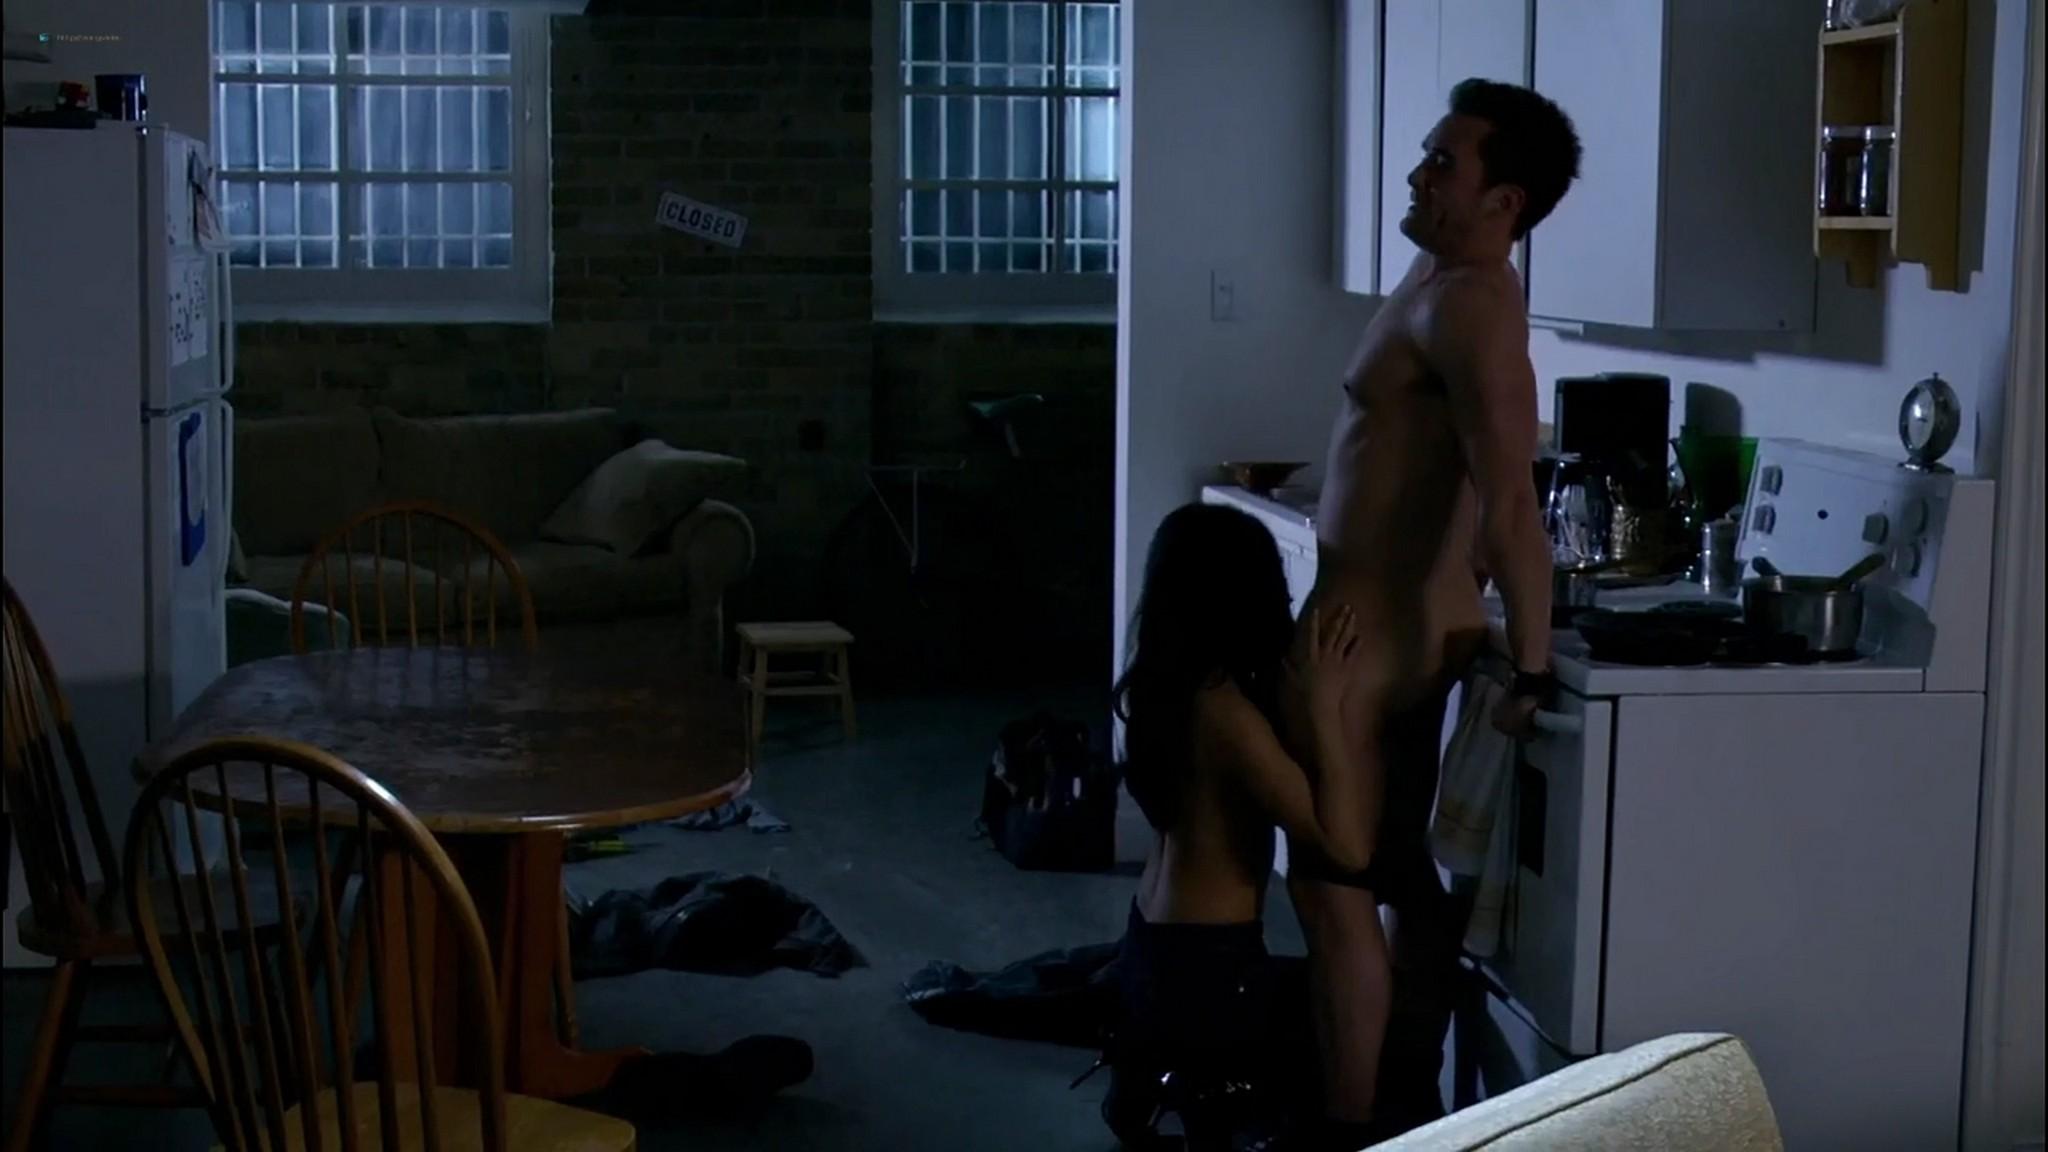 Jennifer Korbin nude sex Lana Tailor, Emily MacLeod nude sex too - Lingerie (2009) s1e1 HD 720p (9)